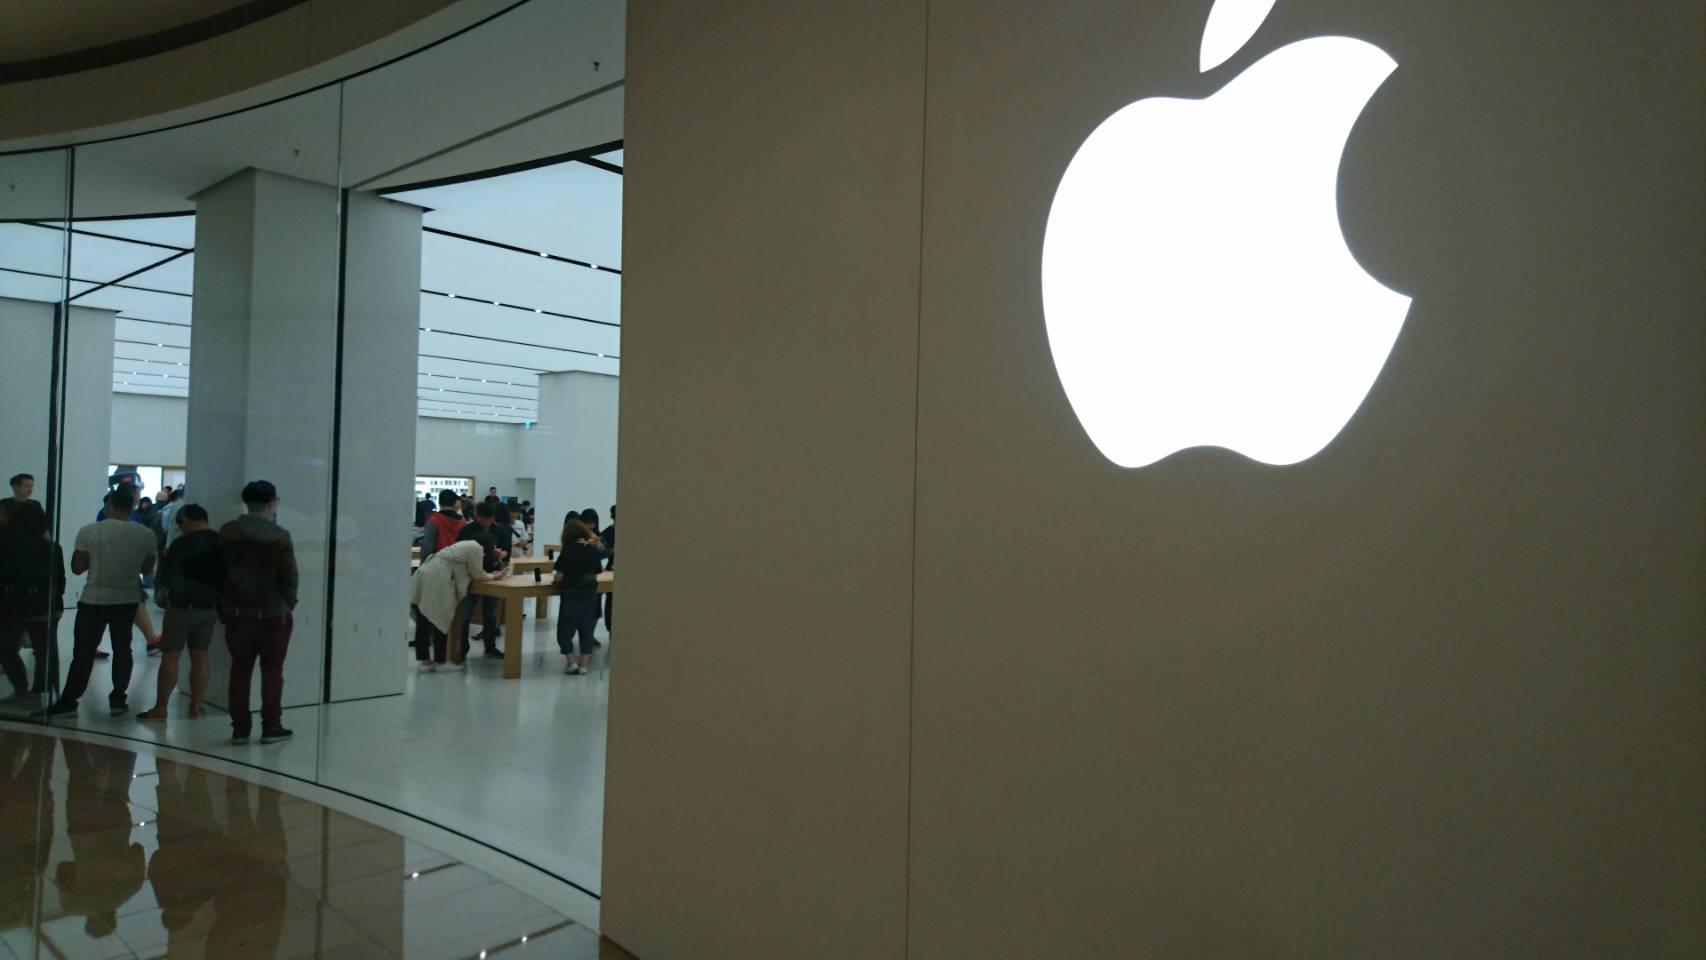 友人から台湾のApple(台北101店)の写真が突然送られてきた。店内の広さにびっくり。